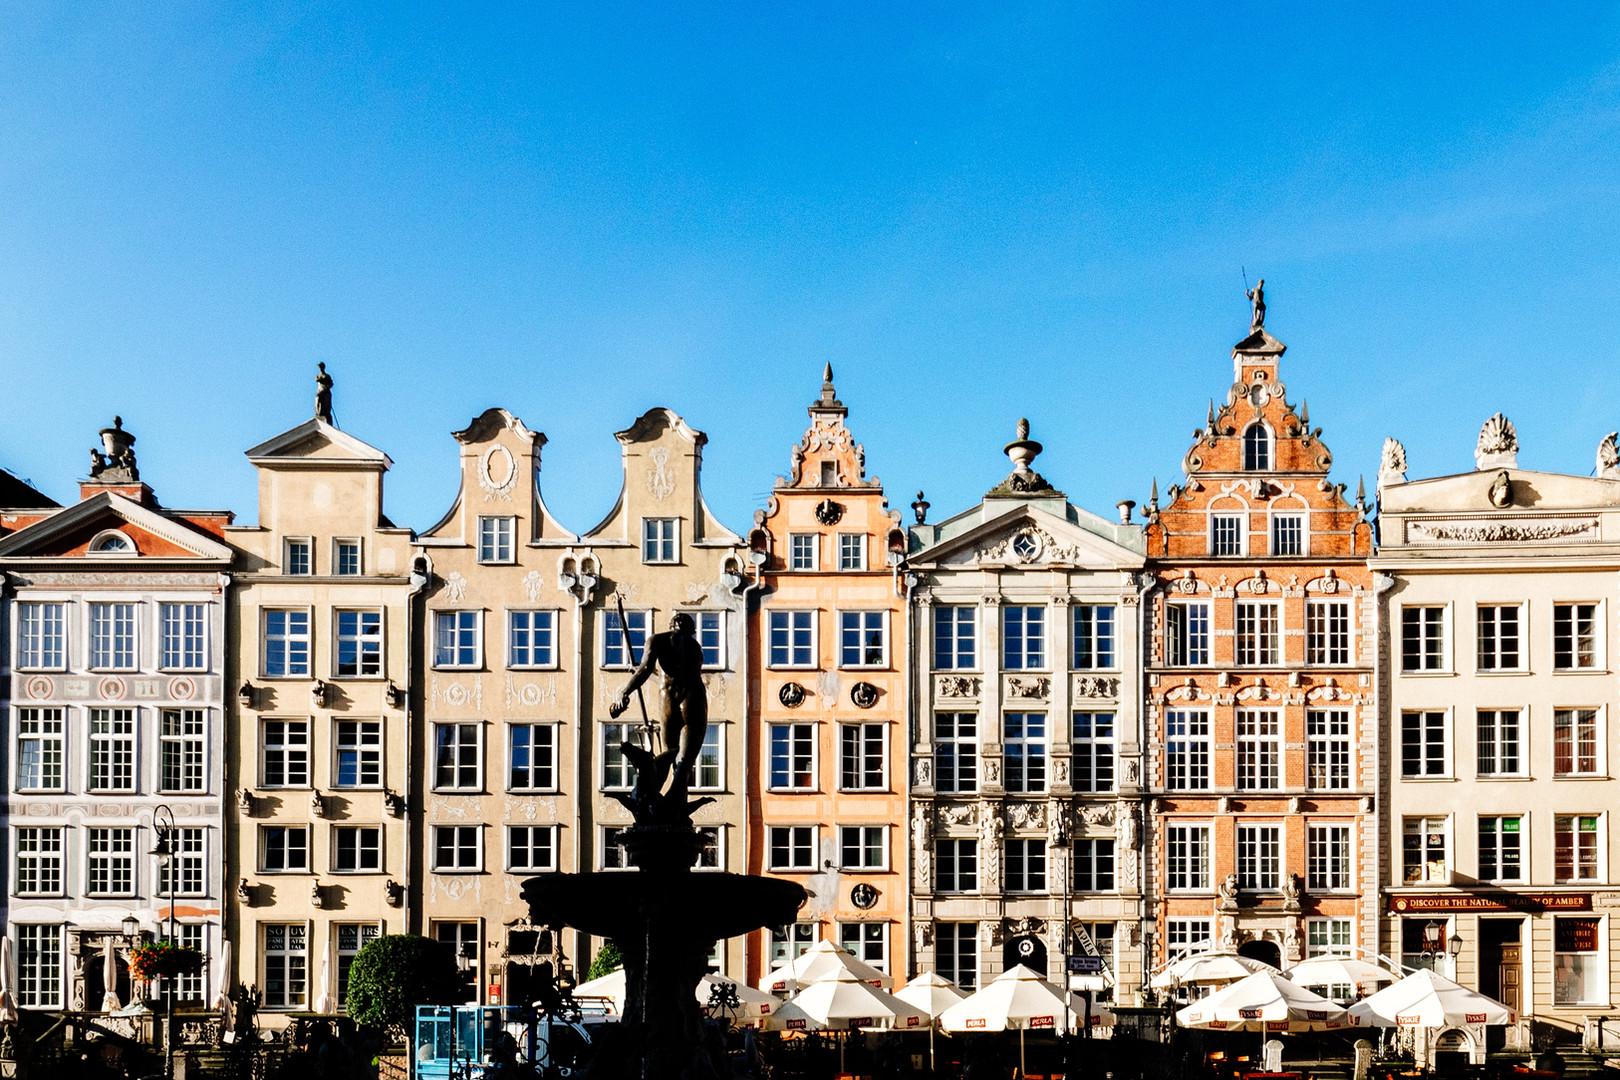 Die Bürgerhäuser in Danzig